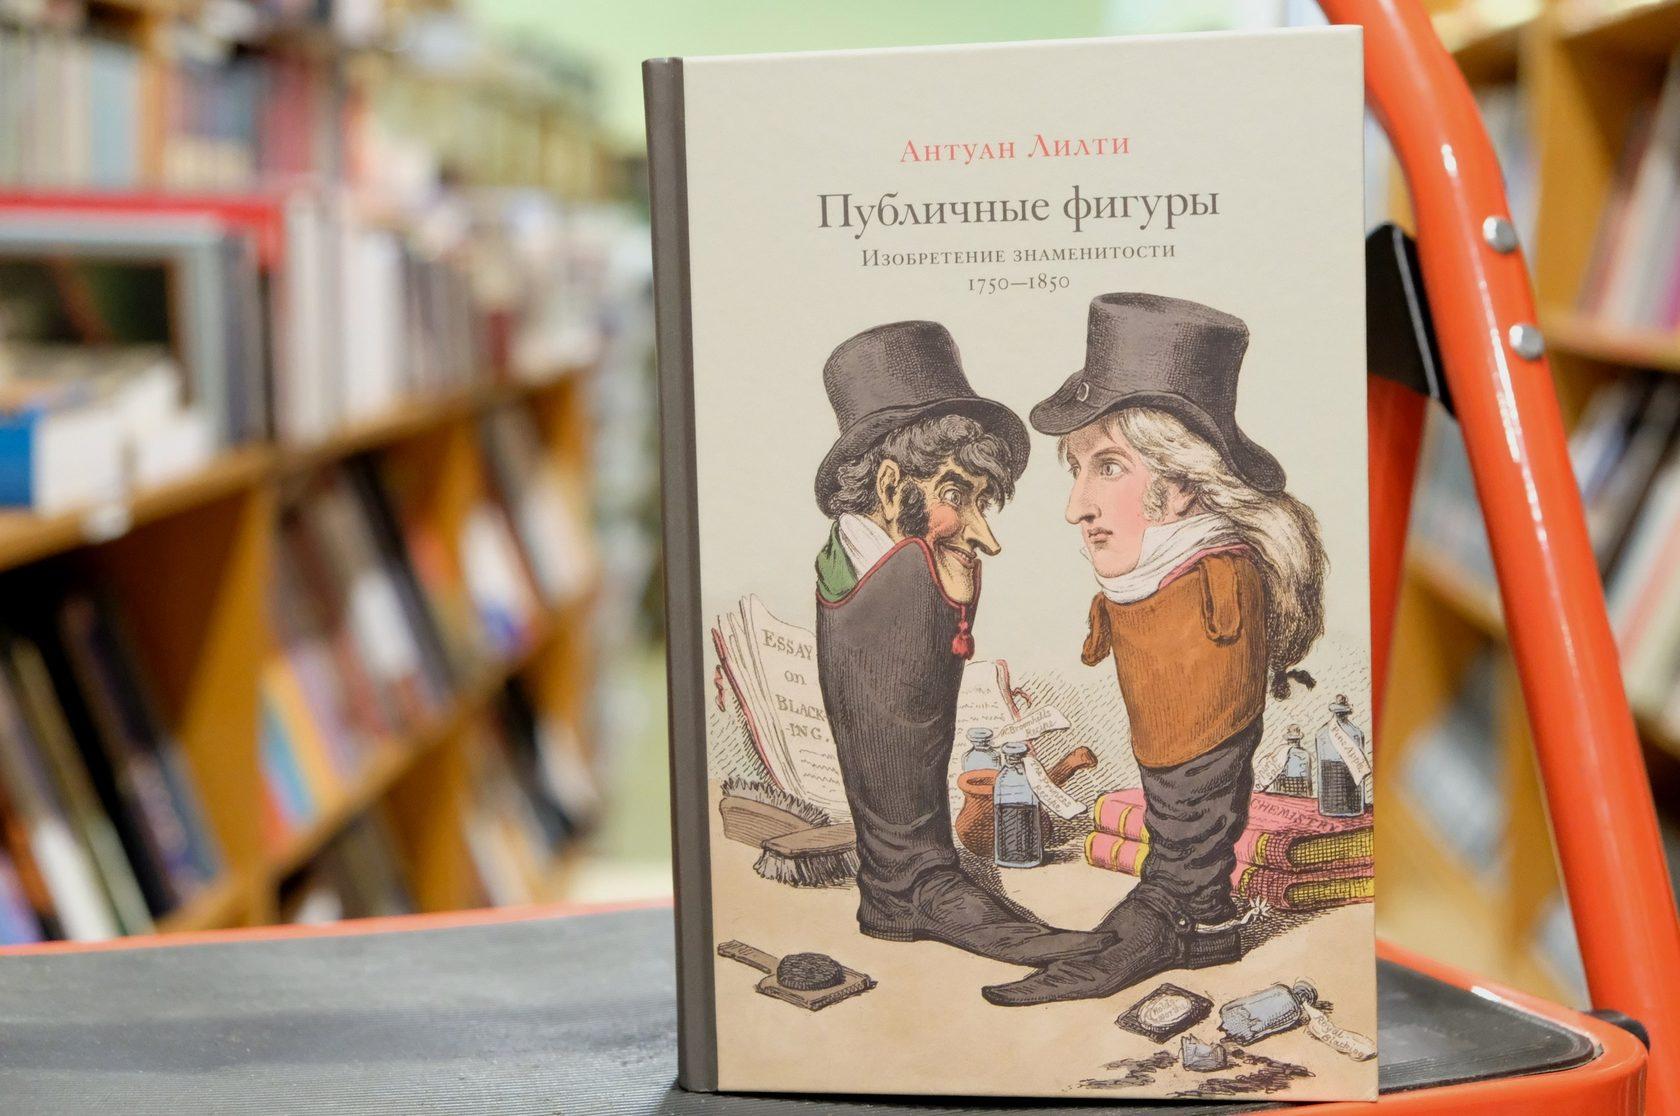 Антуан Лилти «Публичные фигуры: Изобретение знаменитости (1750–1850)»